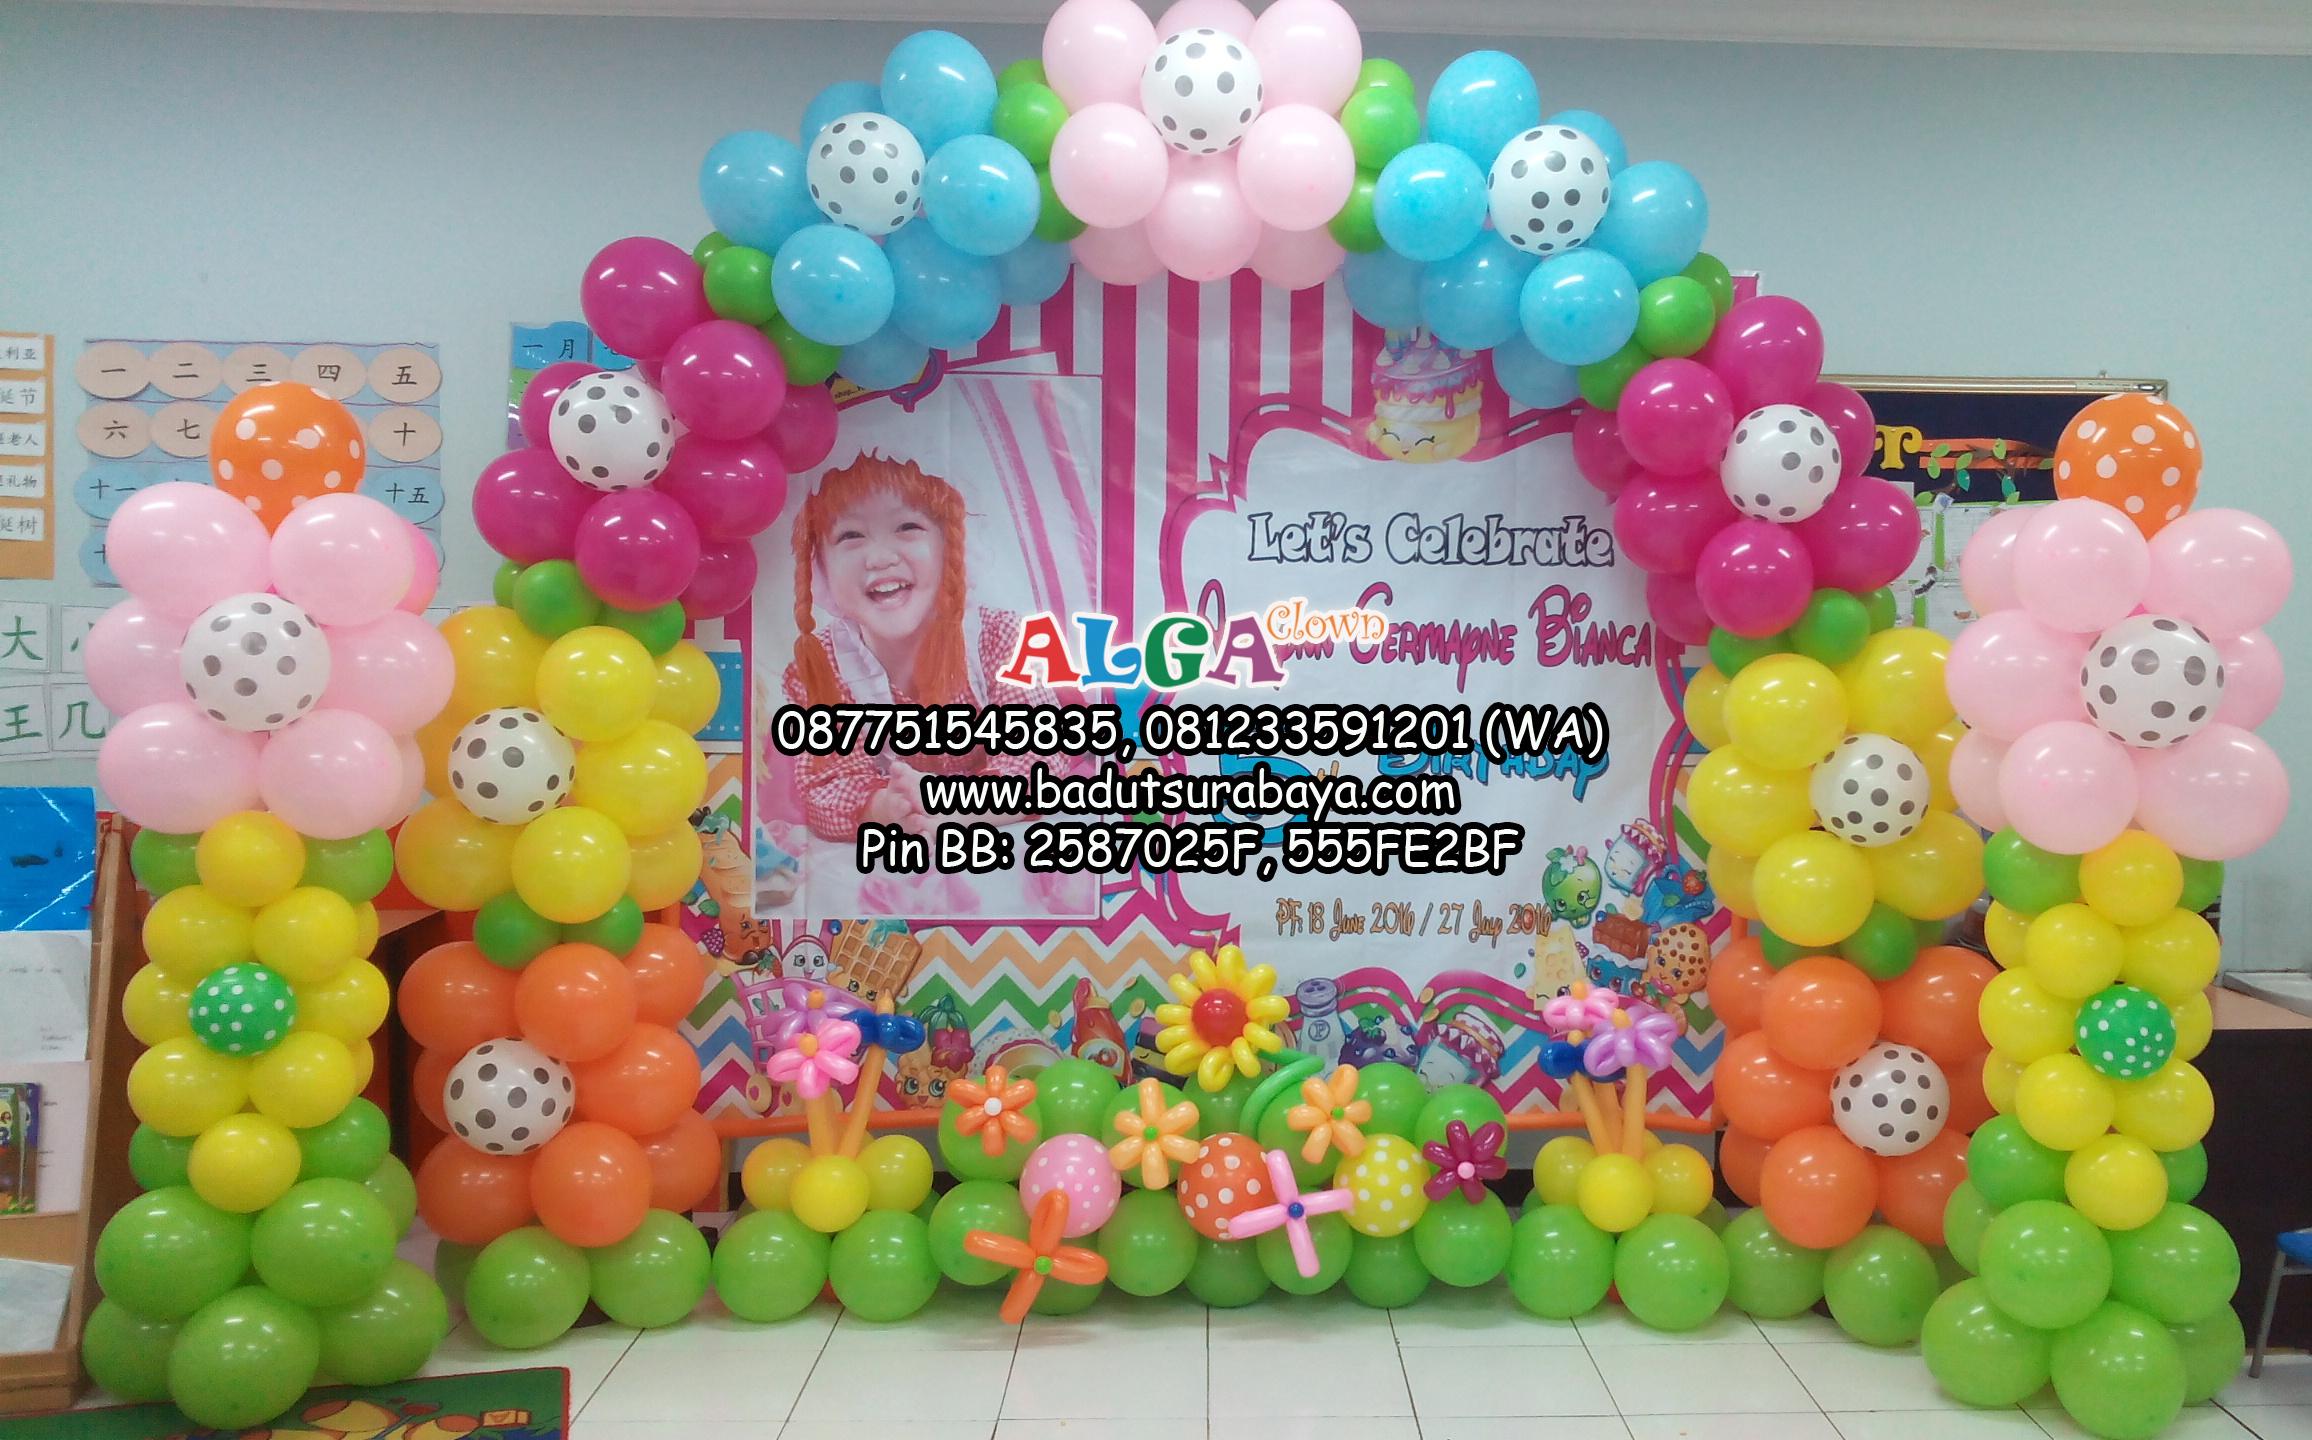 Dekor Balon Badut Surabaya Alga Clown